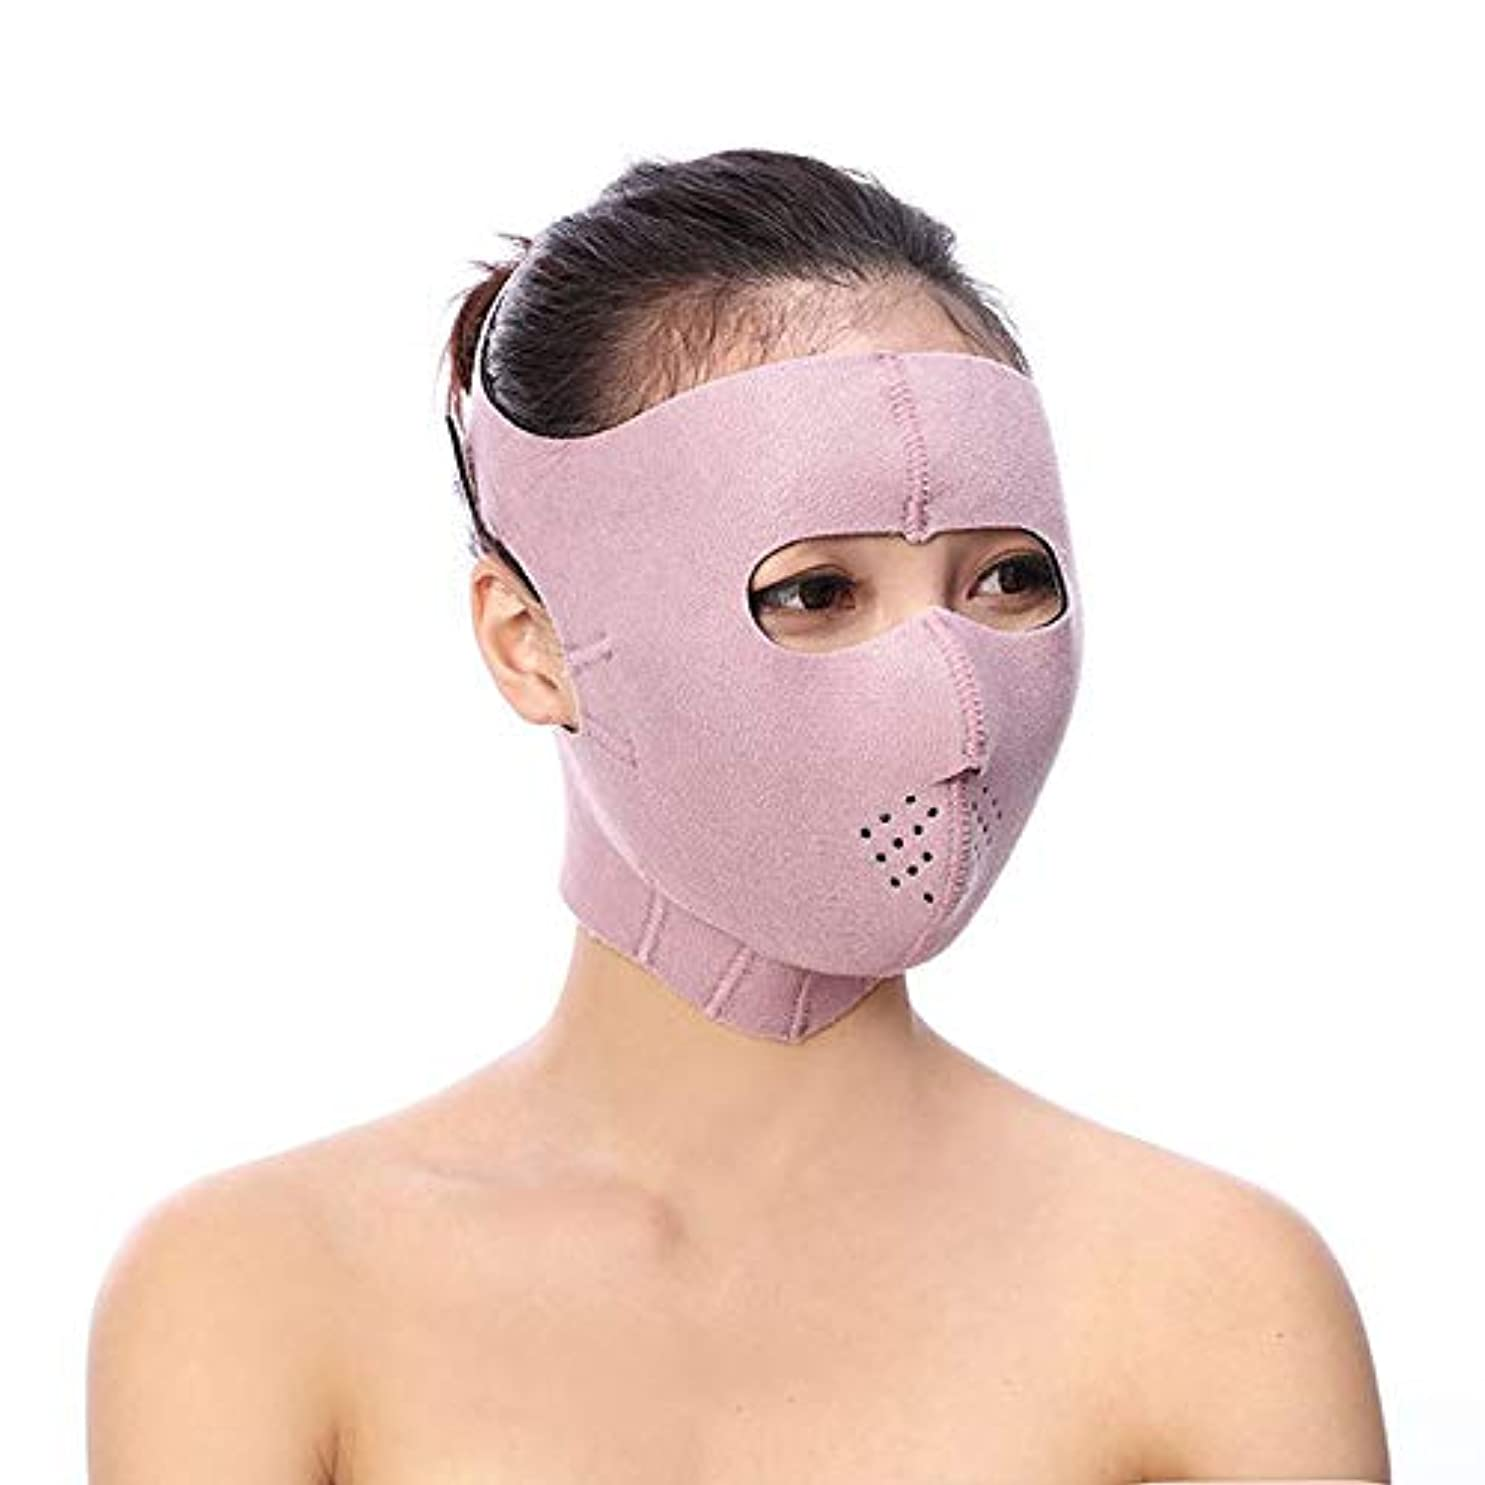 仲良し不完全ケニアBS フェイシャルリフティング痩身ベルト - Vフェイス包帯マスクフェイシャルマッサージャー無料の薄いフェイス包帯整形マスクを引き締める顔と首の顔スリム フェイスリフティングアーティファクト